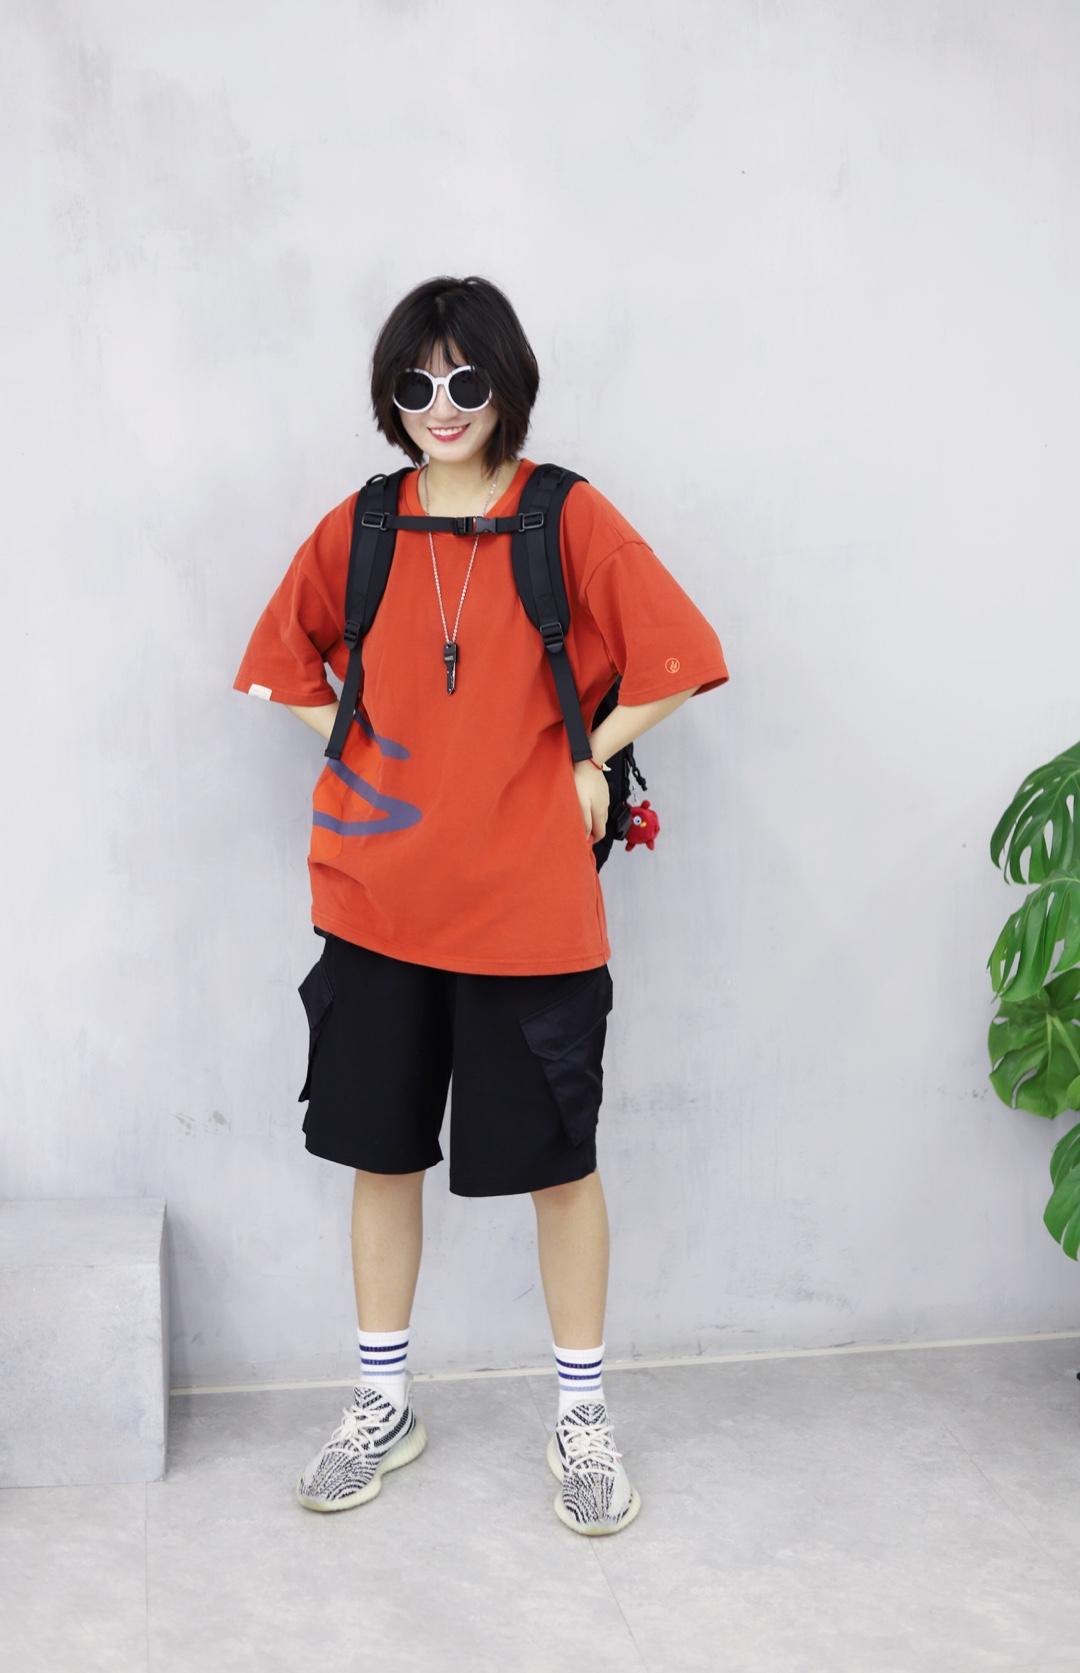 上身是一件砖红色印花短袖 超级好看好穿的短袖啦很显白 下身是一条黑色工装中裤 搭配一双yeezy350白斑马 戴上一副白色的墨镜 背上一个黑色的书包 这样一身就很减龄啦 #今夏最爆t恤长什么样#